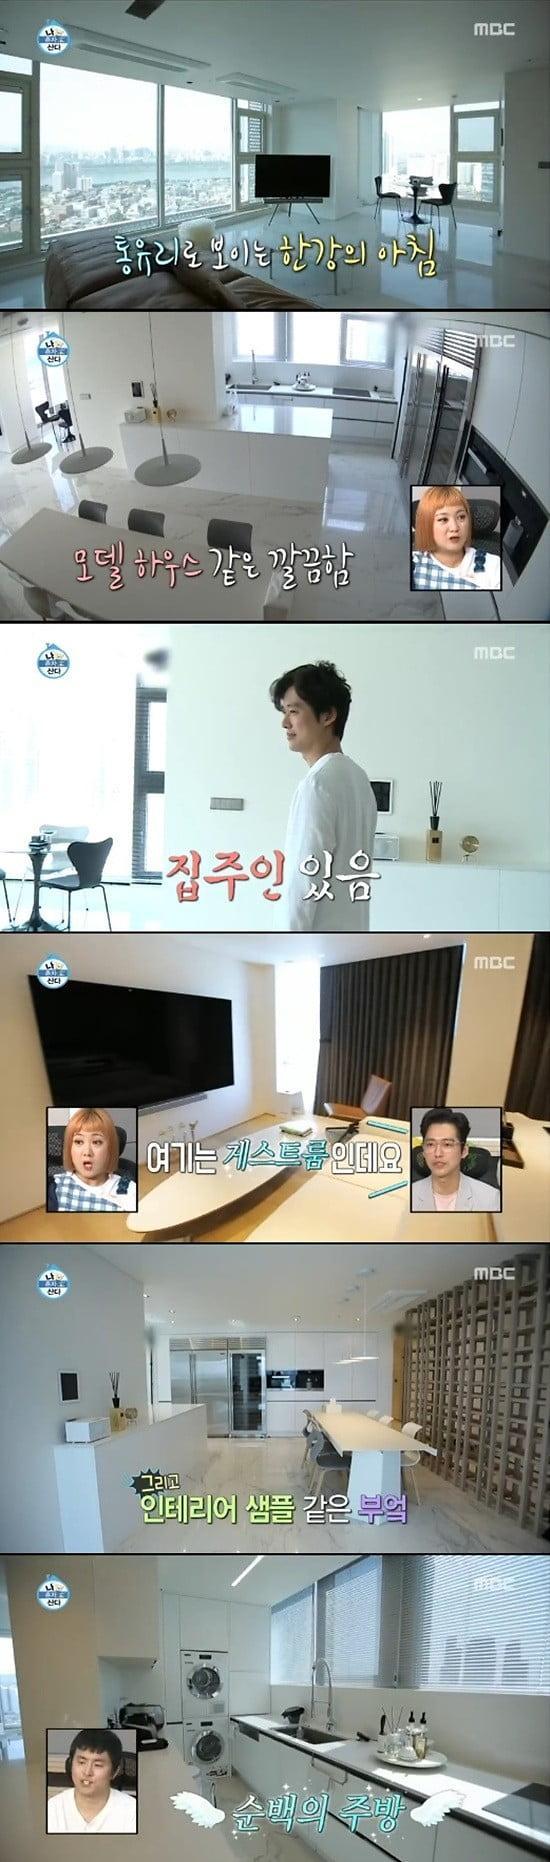 """나혼자 산다 남궁민 집 공개 """"게스트 룸+헬스장+한강 뷰까지"""""""